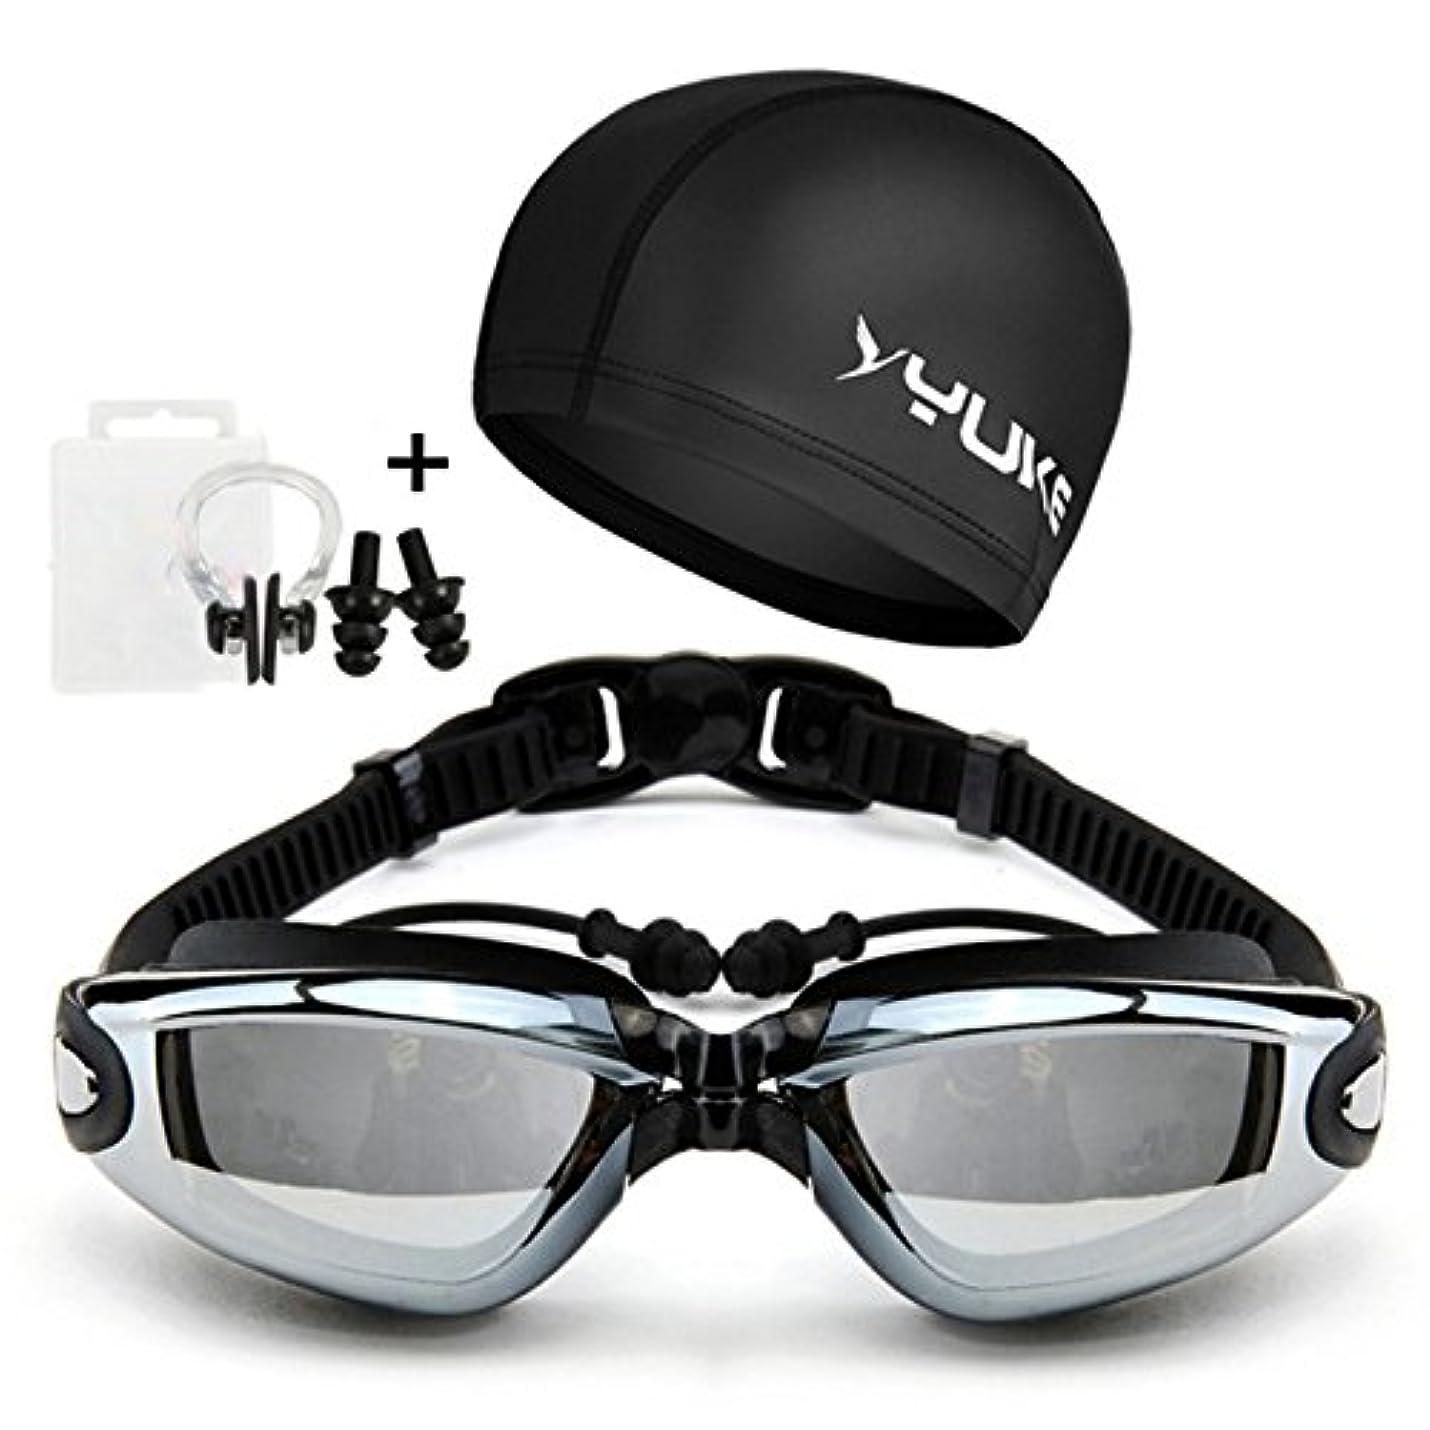 スーツ割れ目登録スイムゴーグルスイムキャップケースノーズクリップイヤープラグ漏れ防止防曇UVプロテクション (黒)